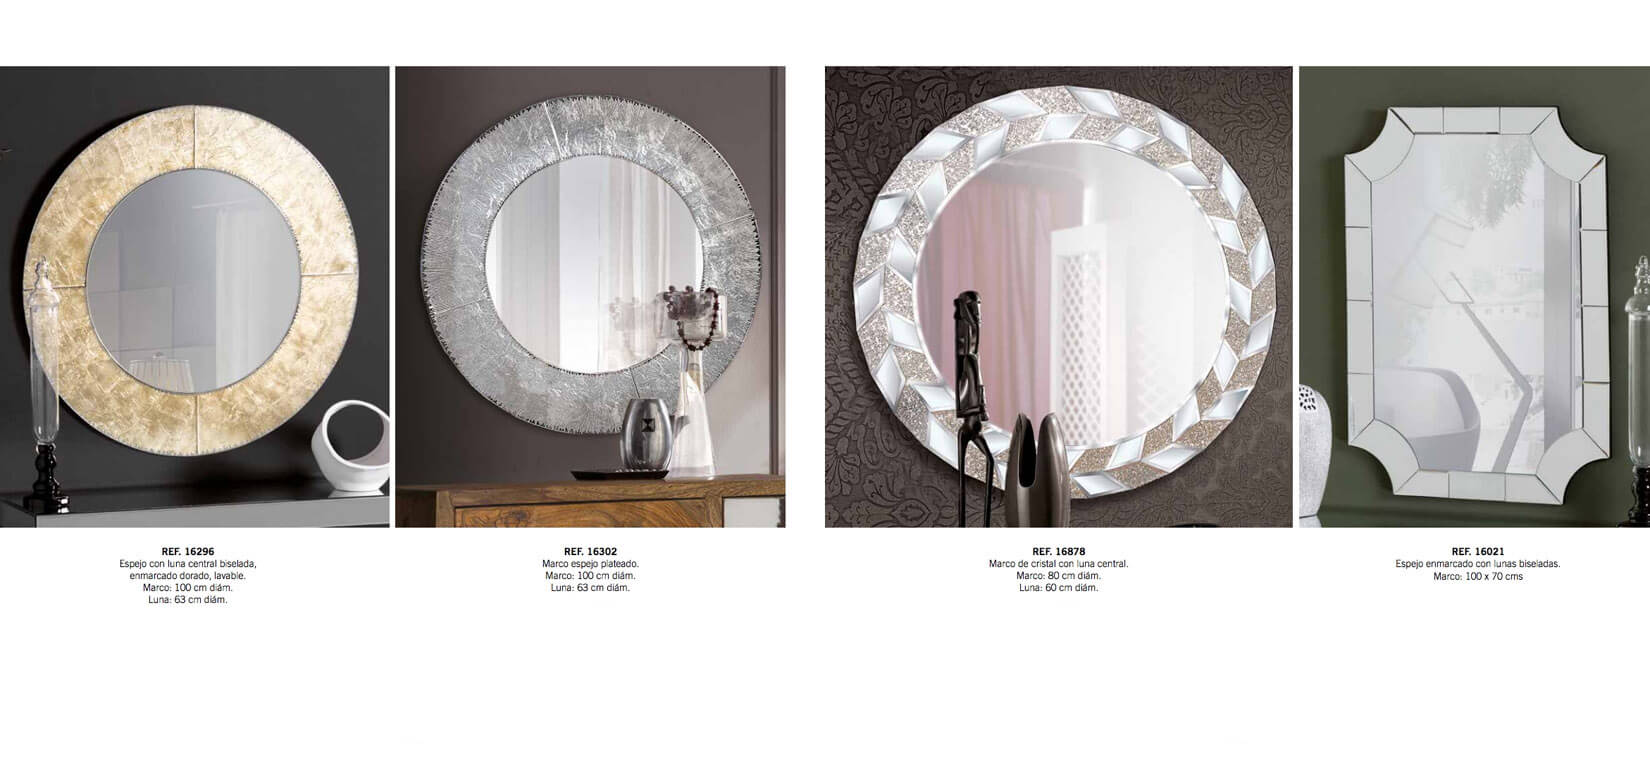 Interiorismo Espejos GYC - Ref. 0015